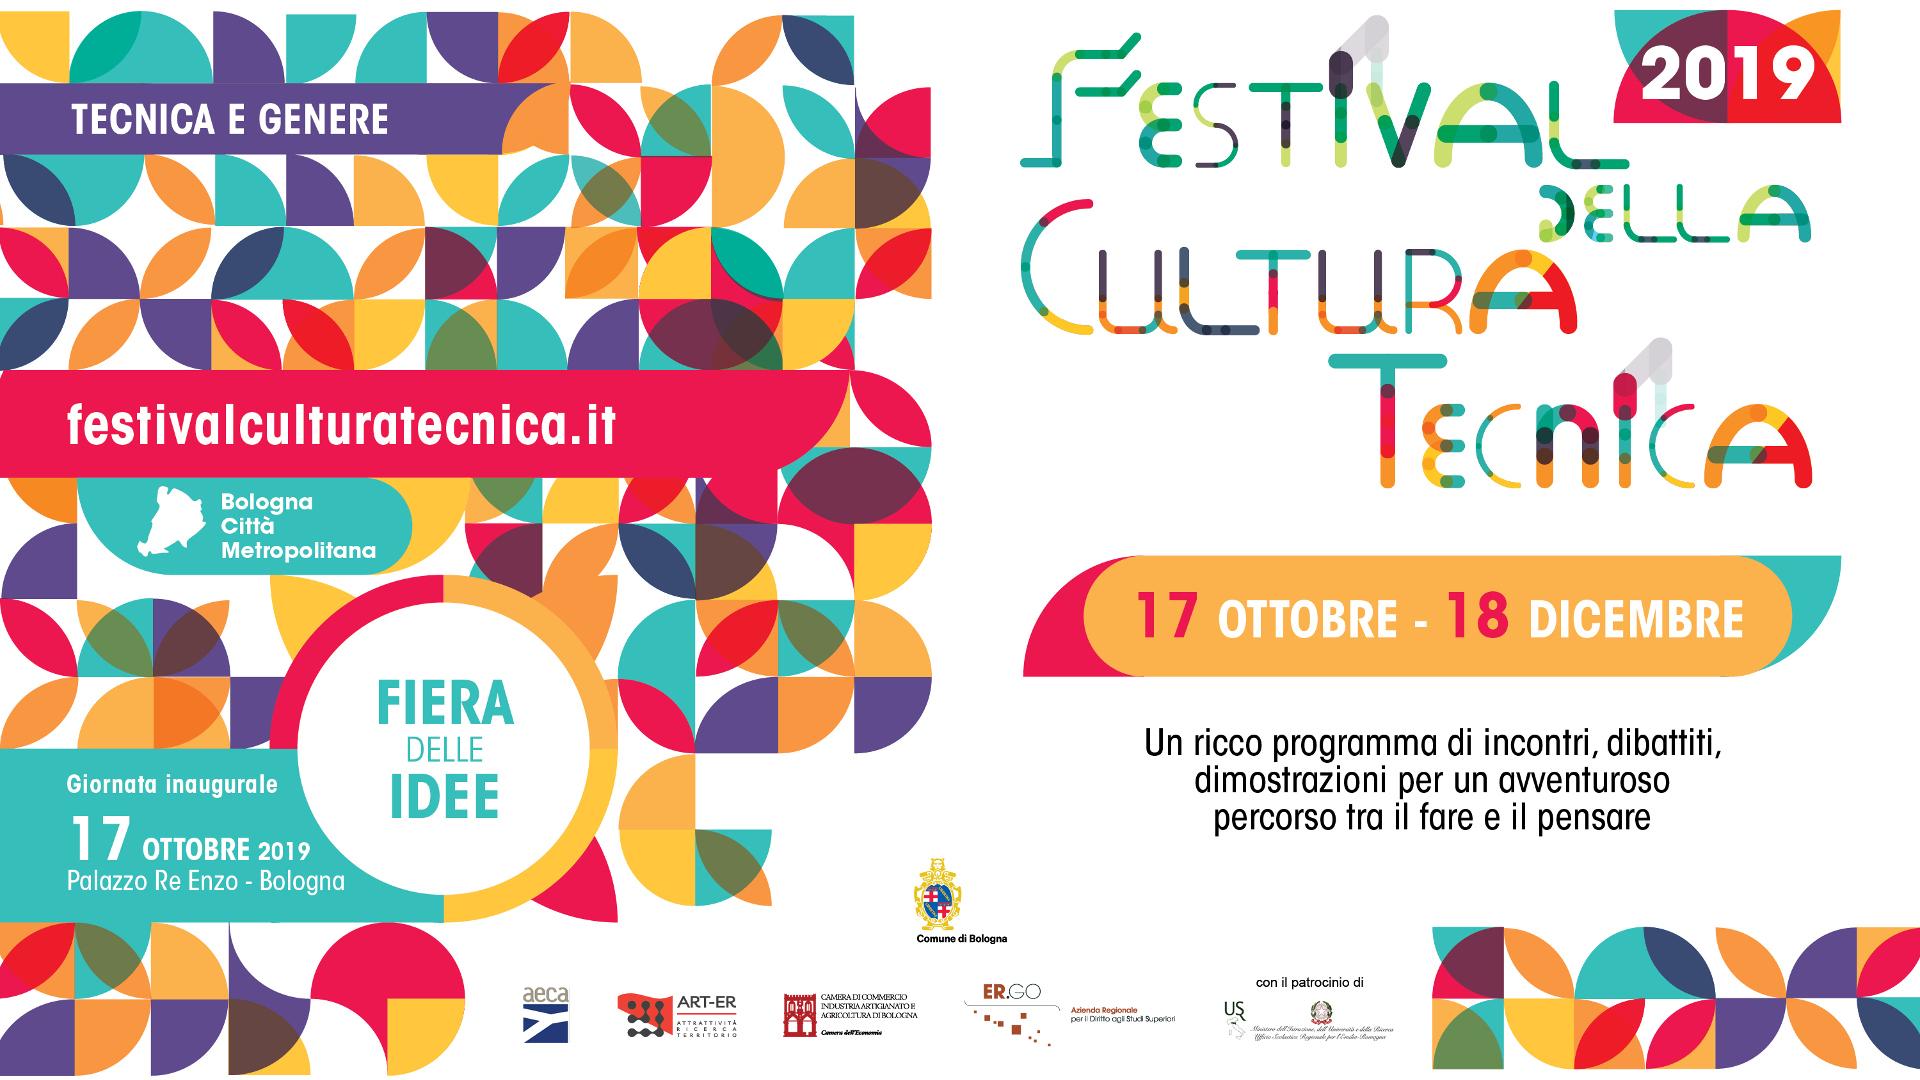 Festival della Cultura tecnica: due mesi di eventi a Bologna e sul territorio regionale